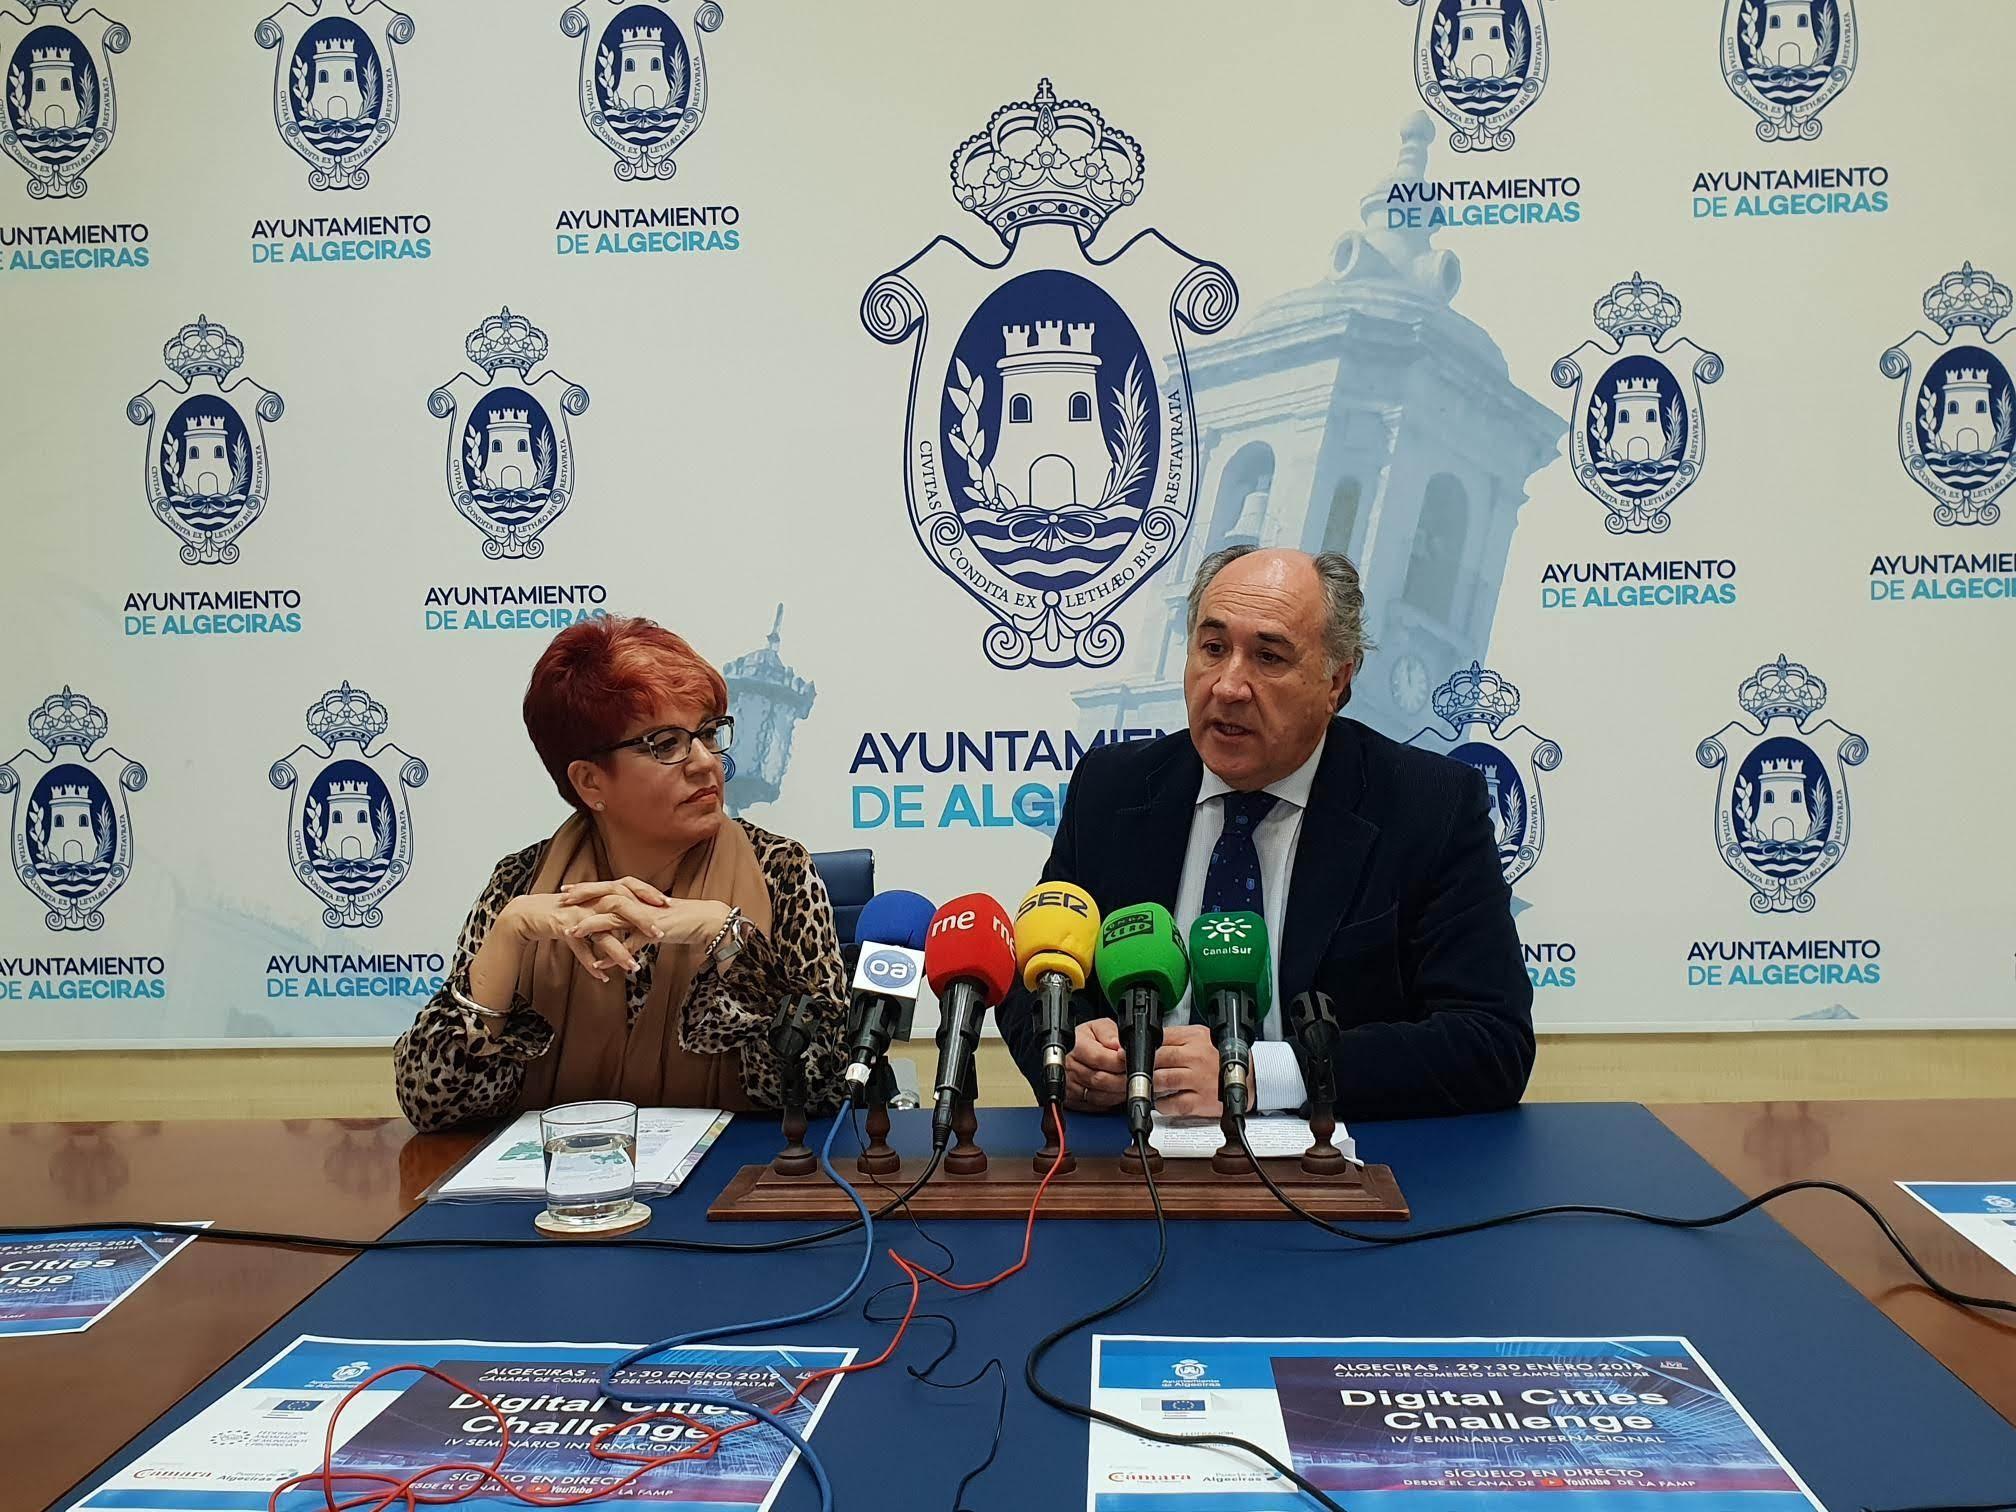 Presentado el IV Seminario Internacional Digital Cities que se celebrará en Algeciras